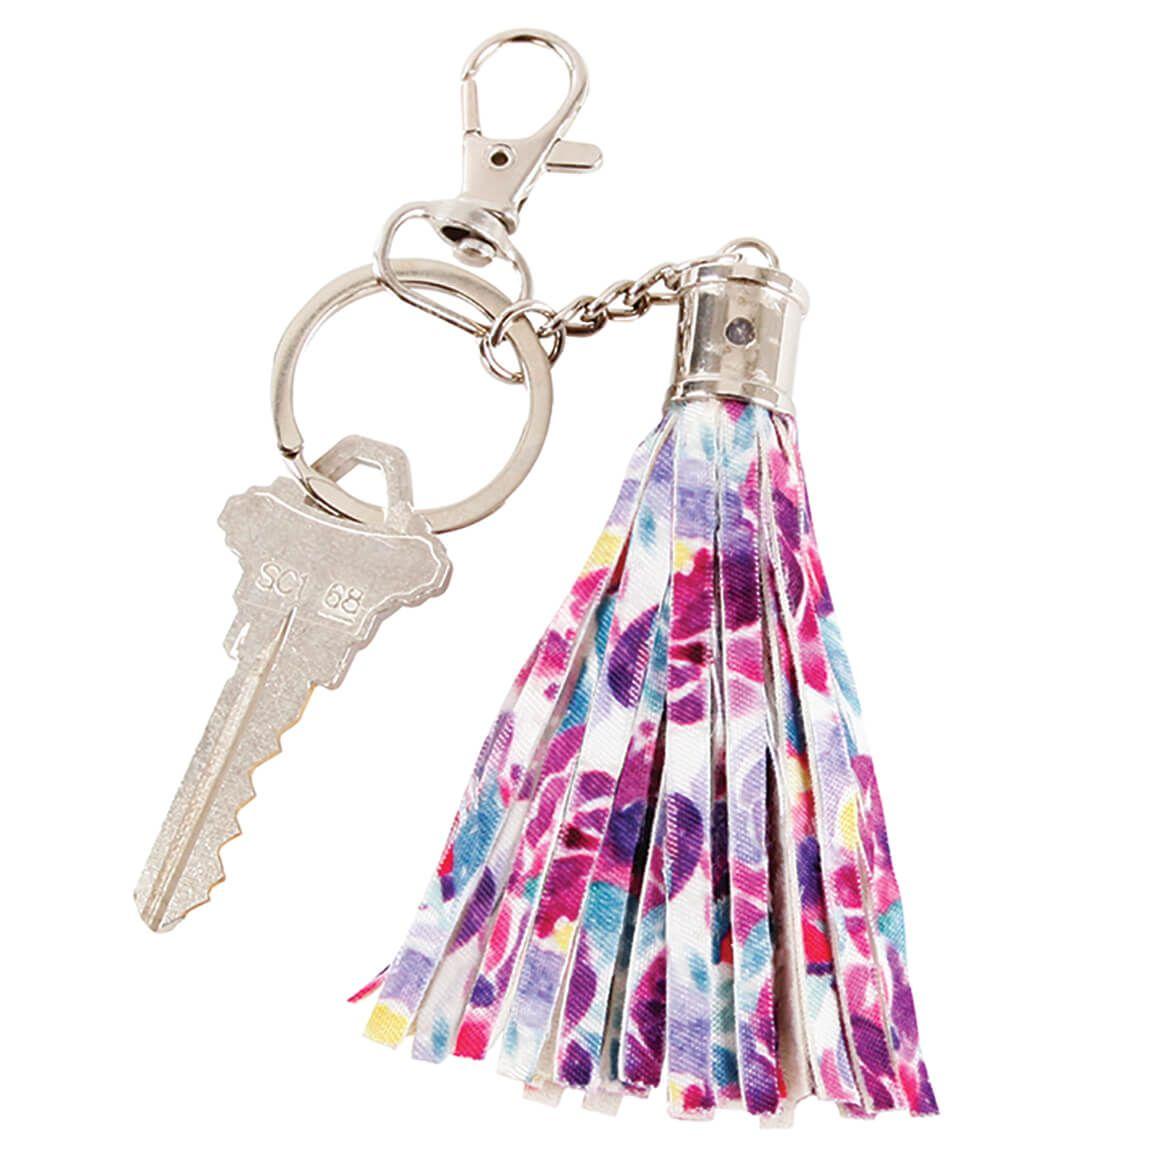 Tassel Key Fob-371342